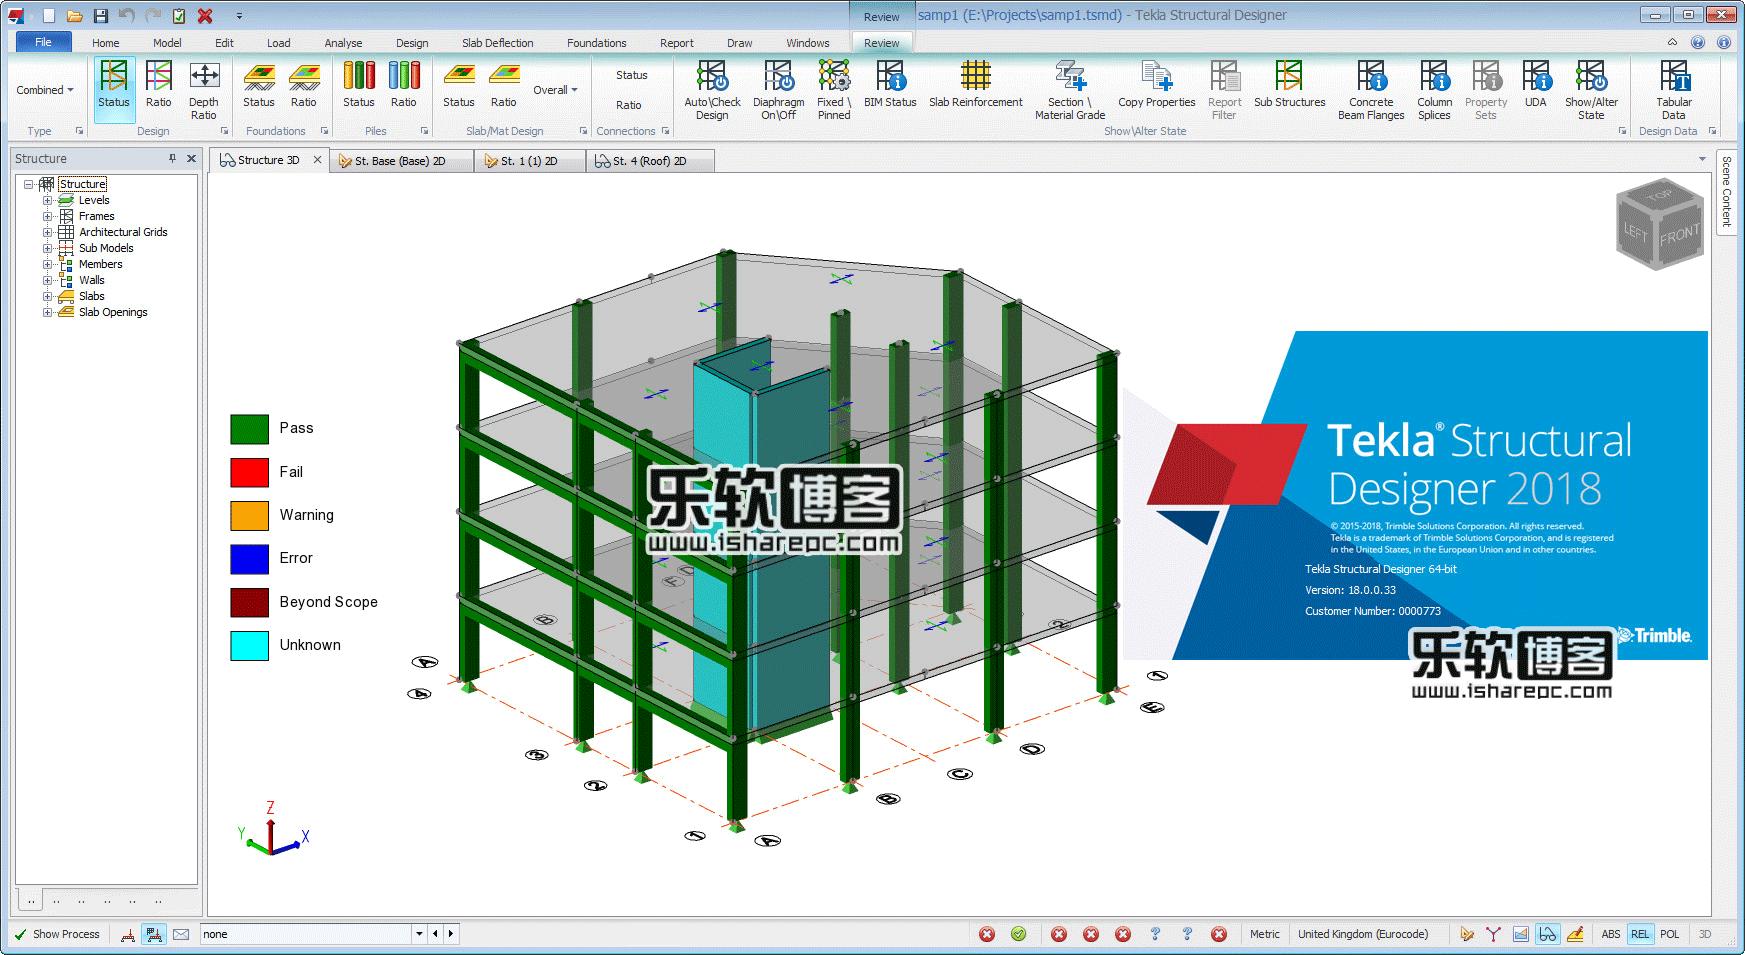 Trimble Tekla Structural Designer 2018 v18.0破解版